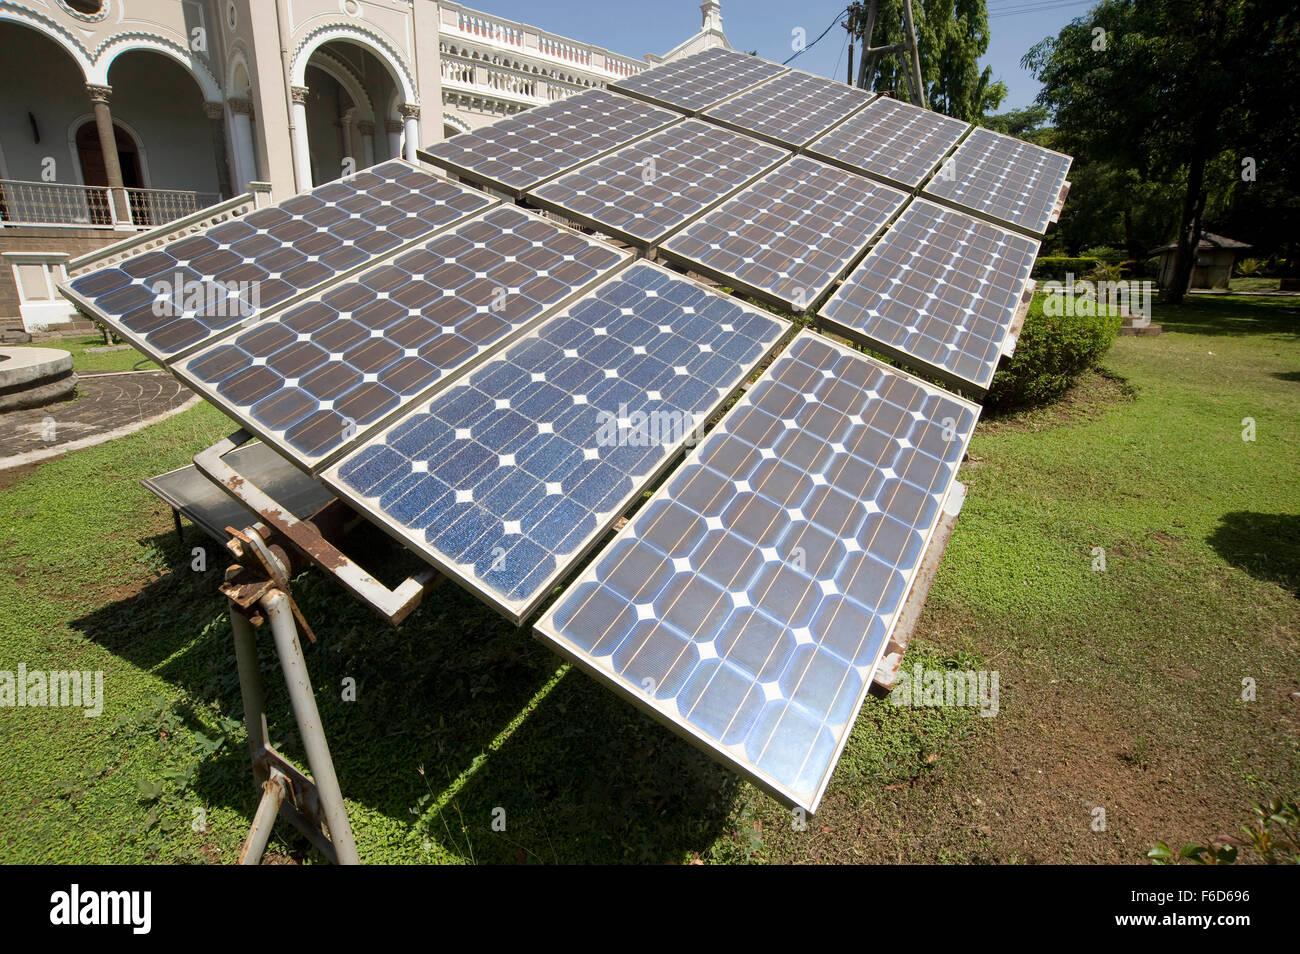 Unconventional power solar energy panels, agakhan palace, pune, maharashtra, india, asia - Stock Image